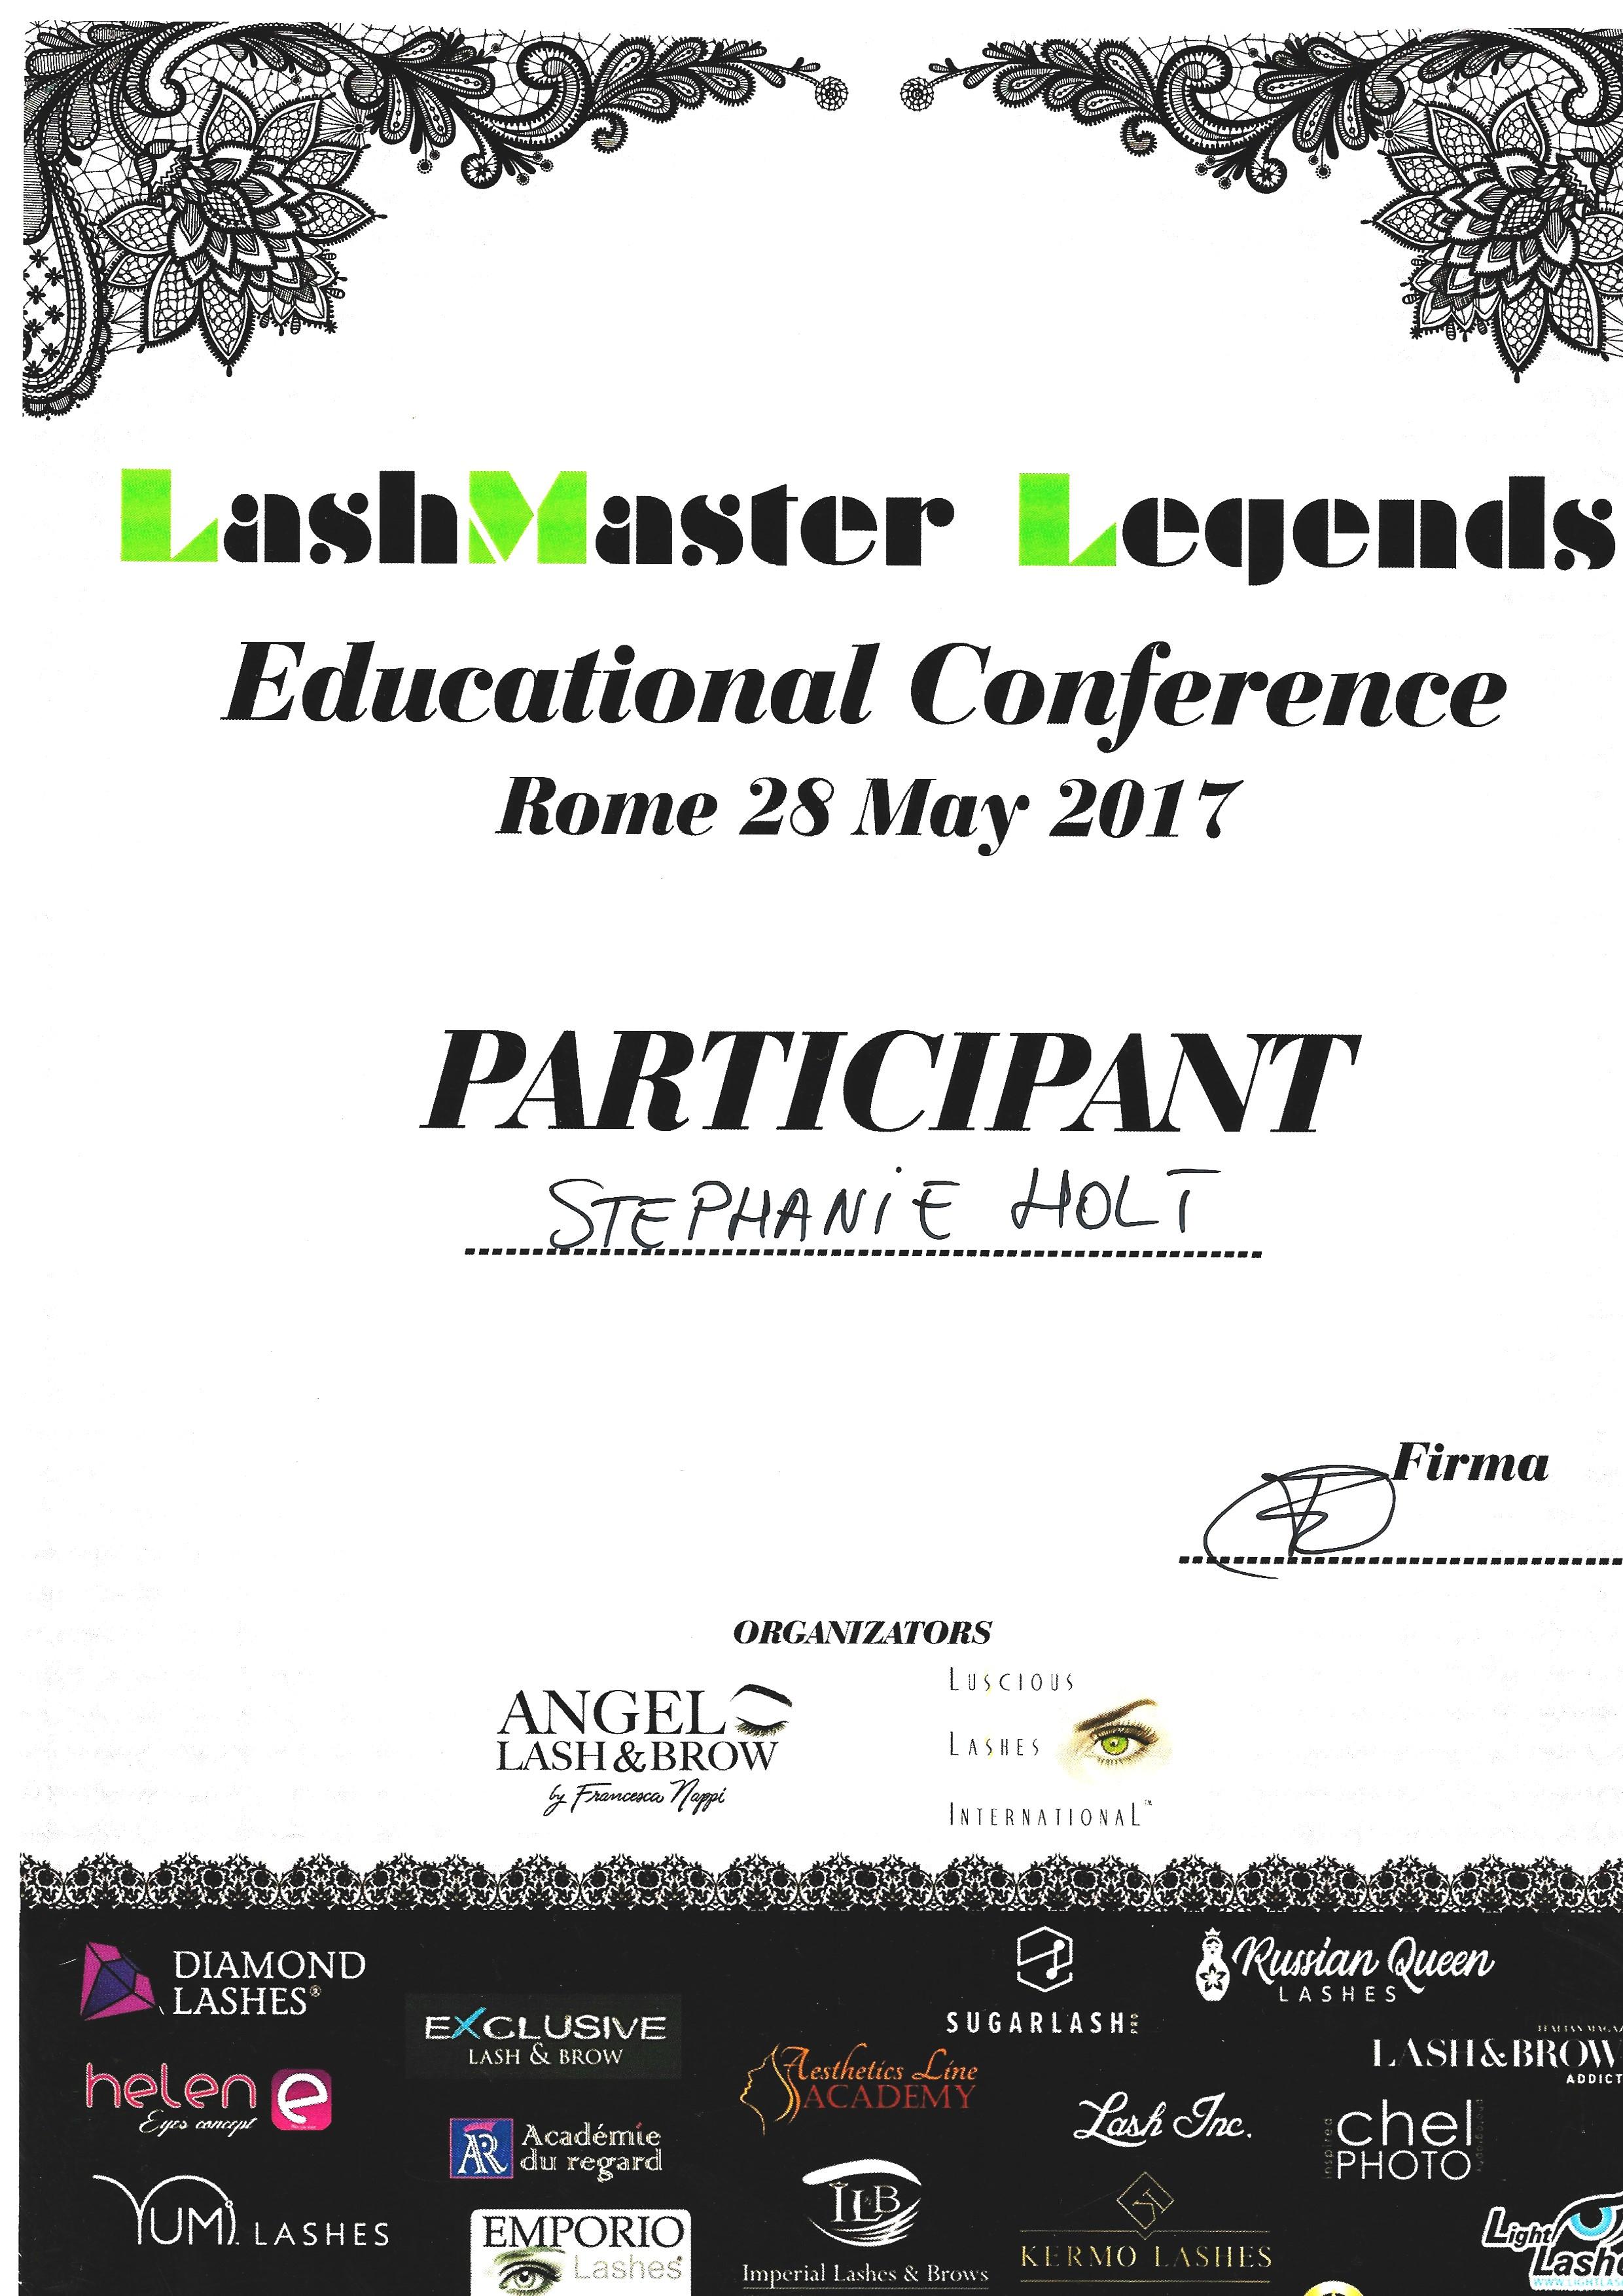 Certificaat Lash Master Legends